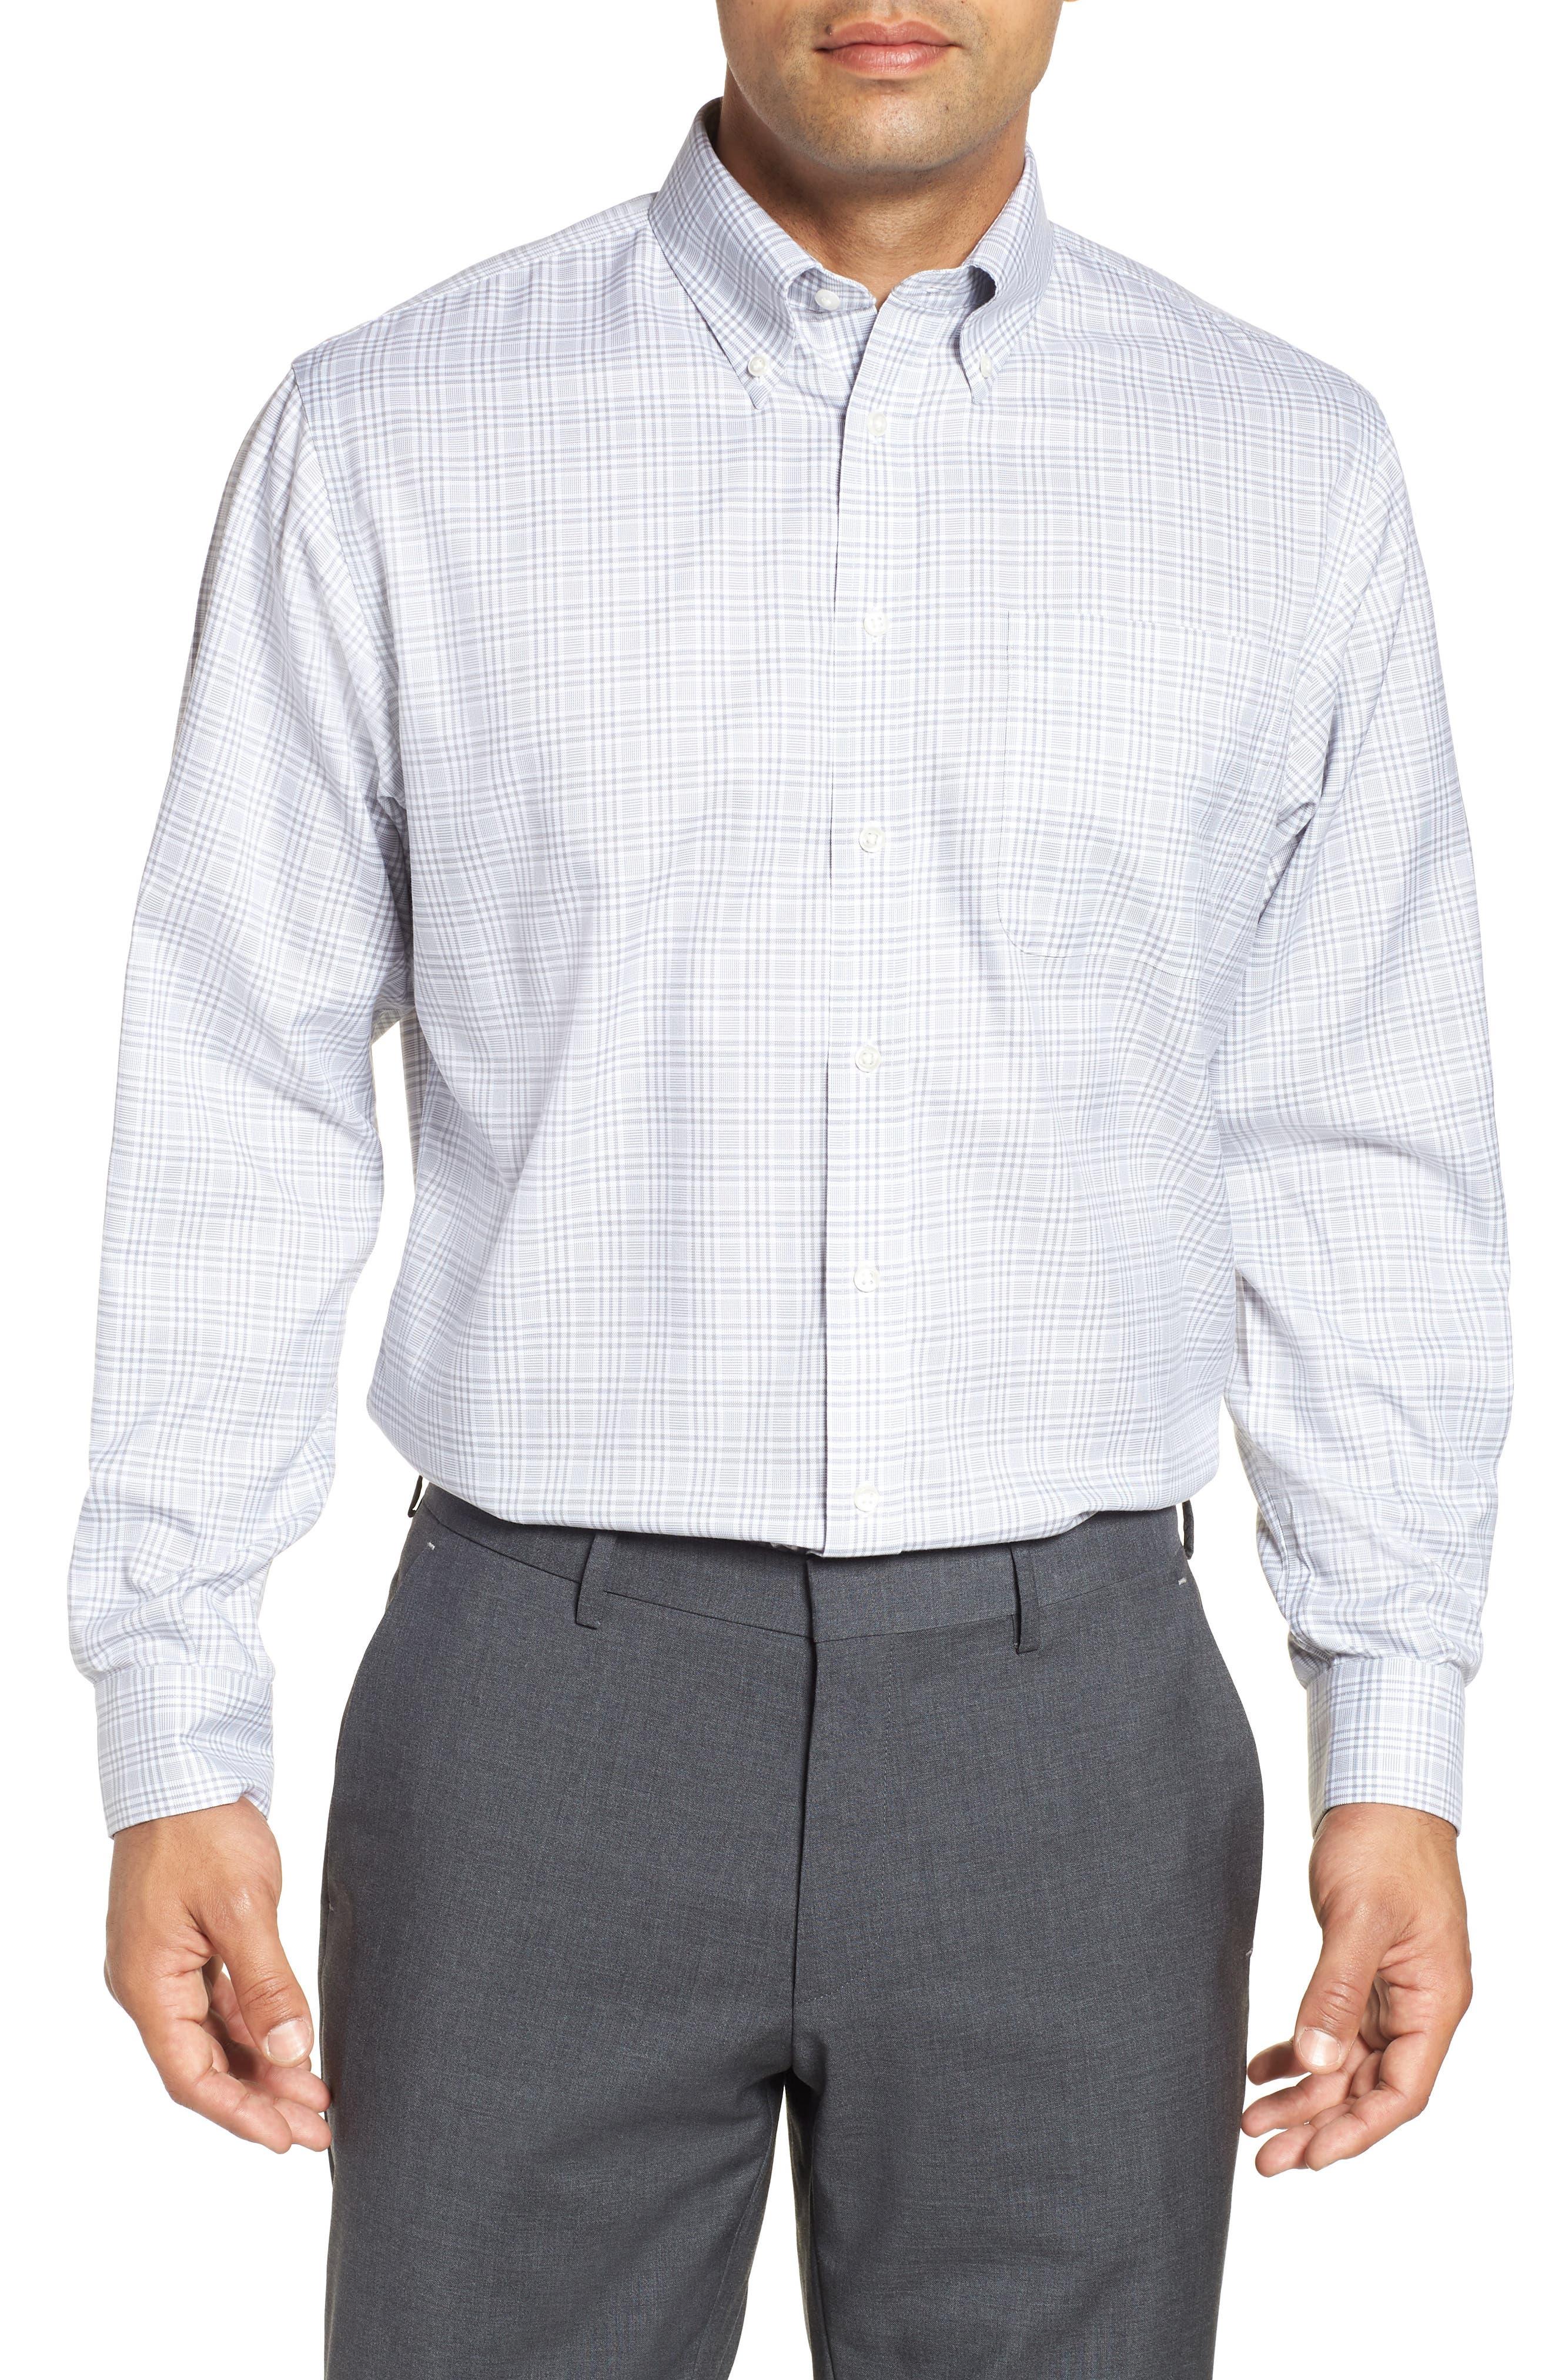 Smartcare<sup>™</sup> Classic Fit Plaid Dress Shirt,                             Main thumbnail 1, color,                             050